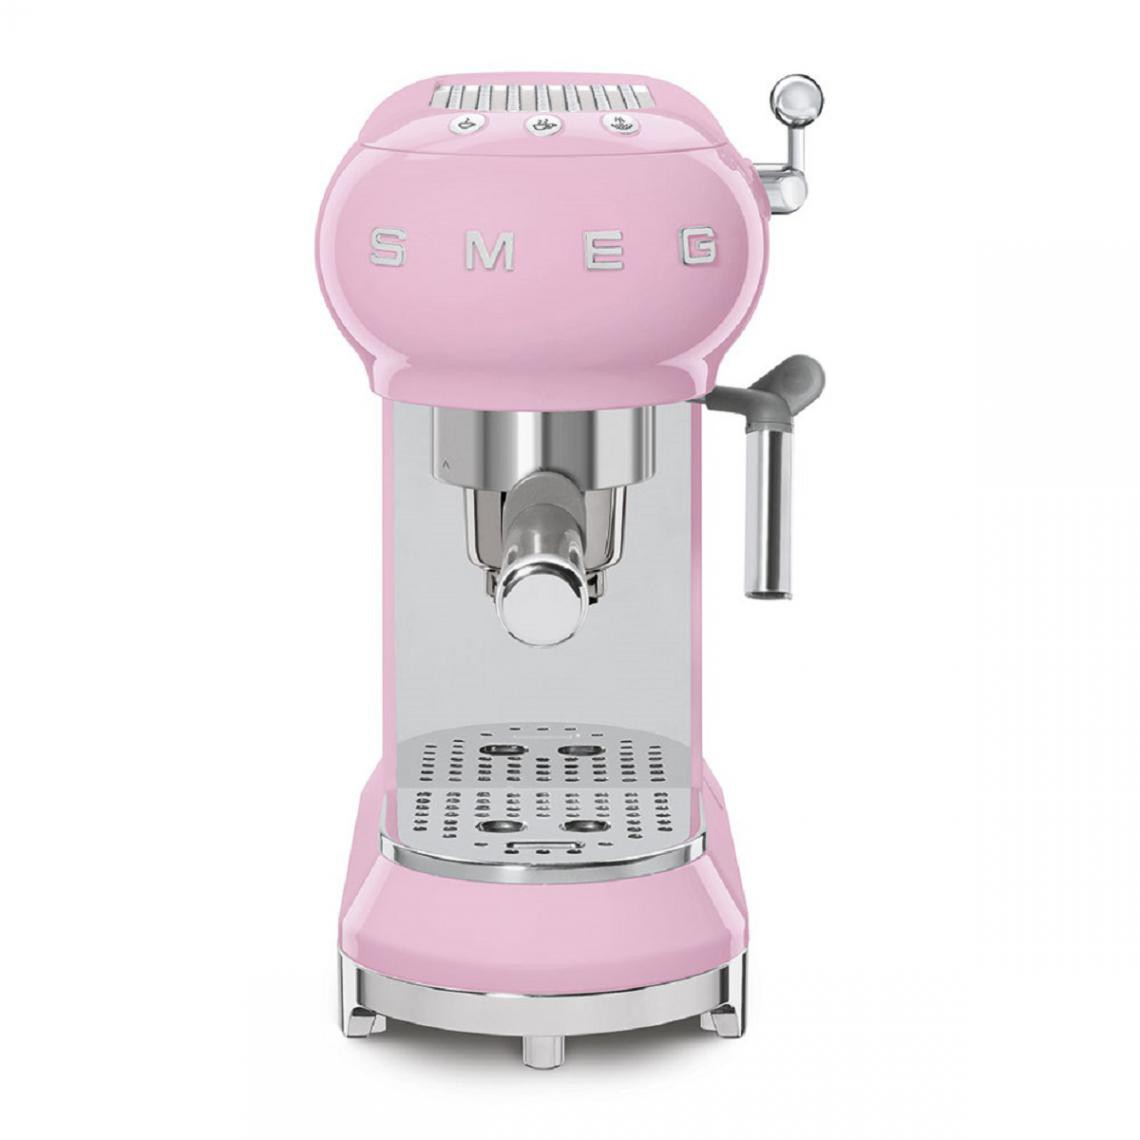 Smeg Machine à expresso Années 50 - ECF01PKEU - Rose